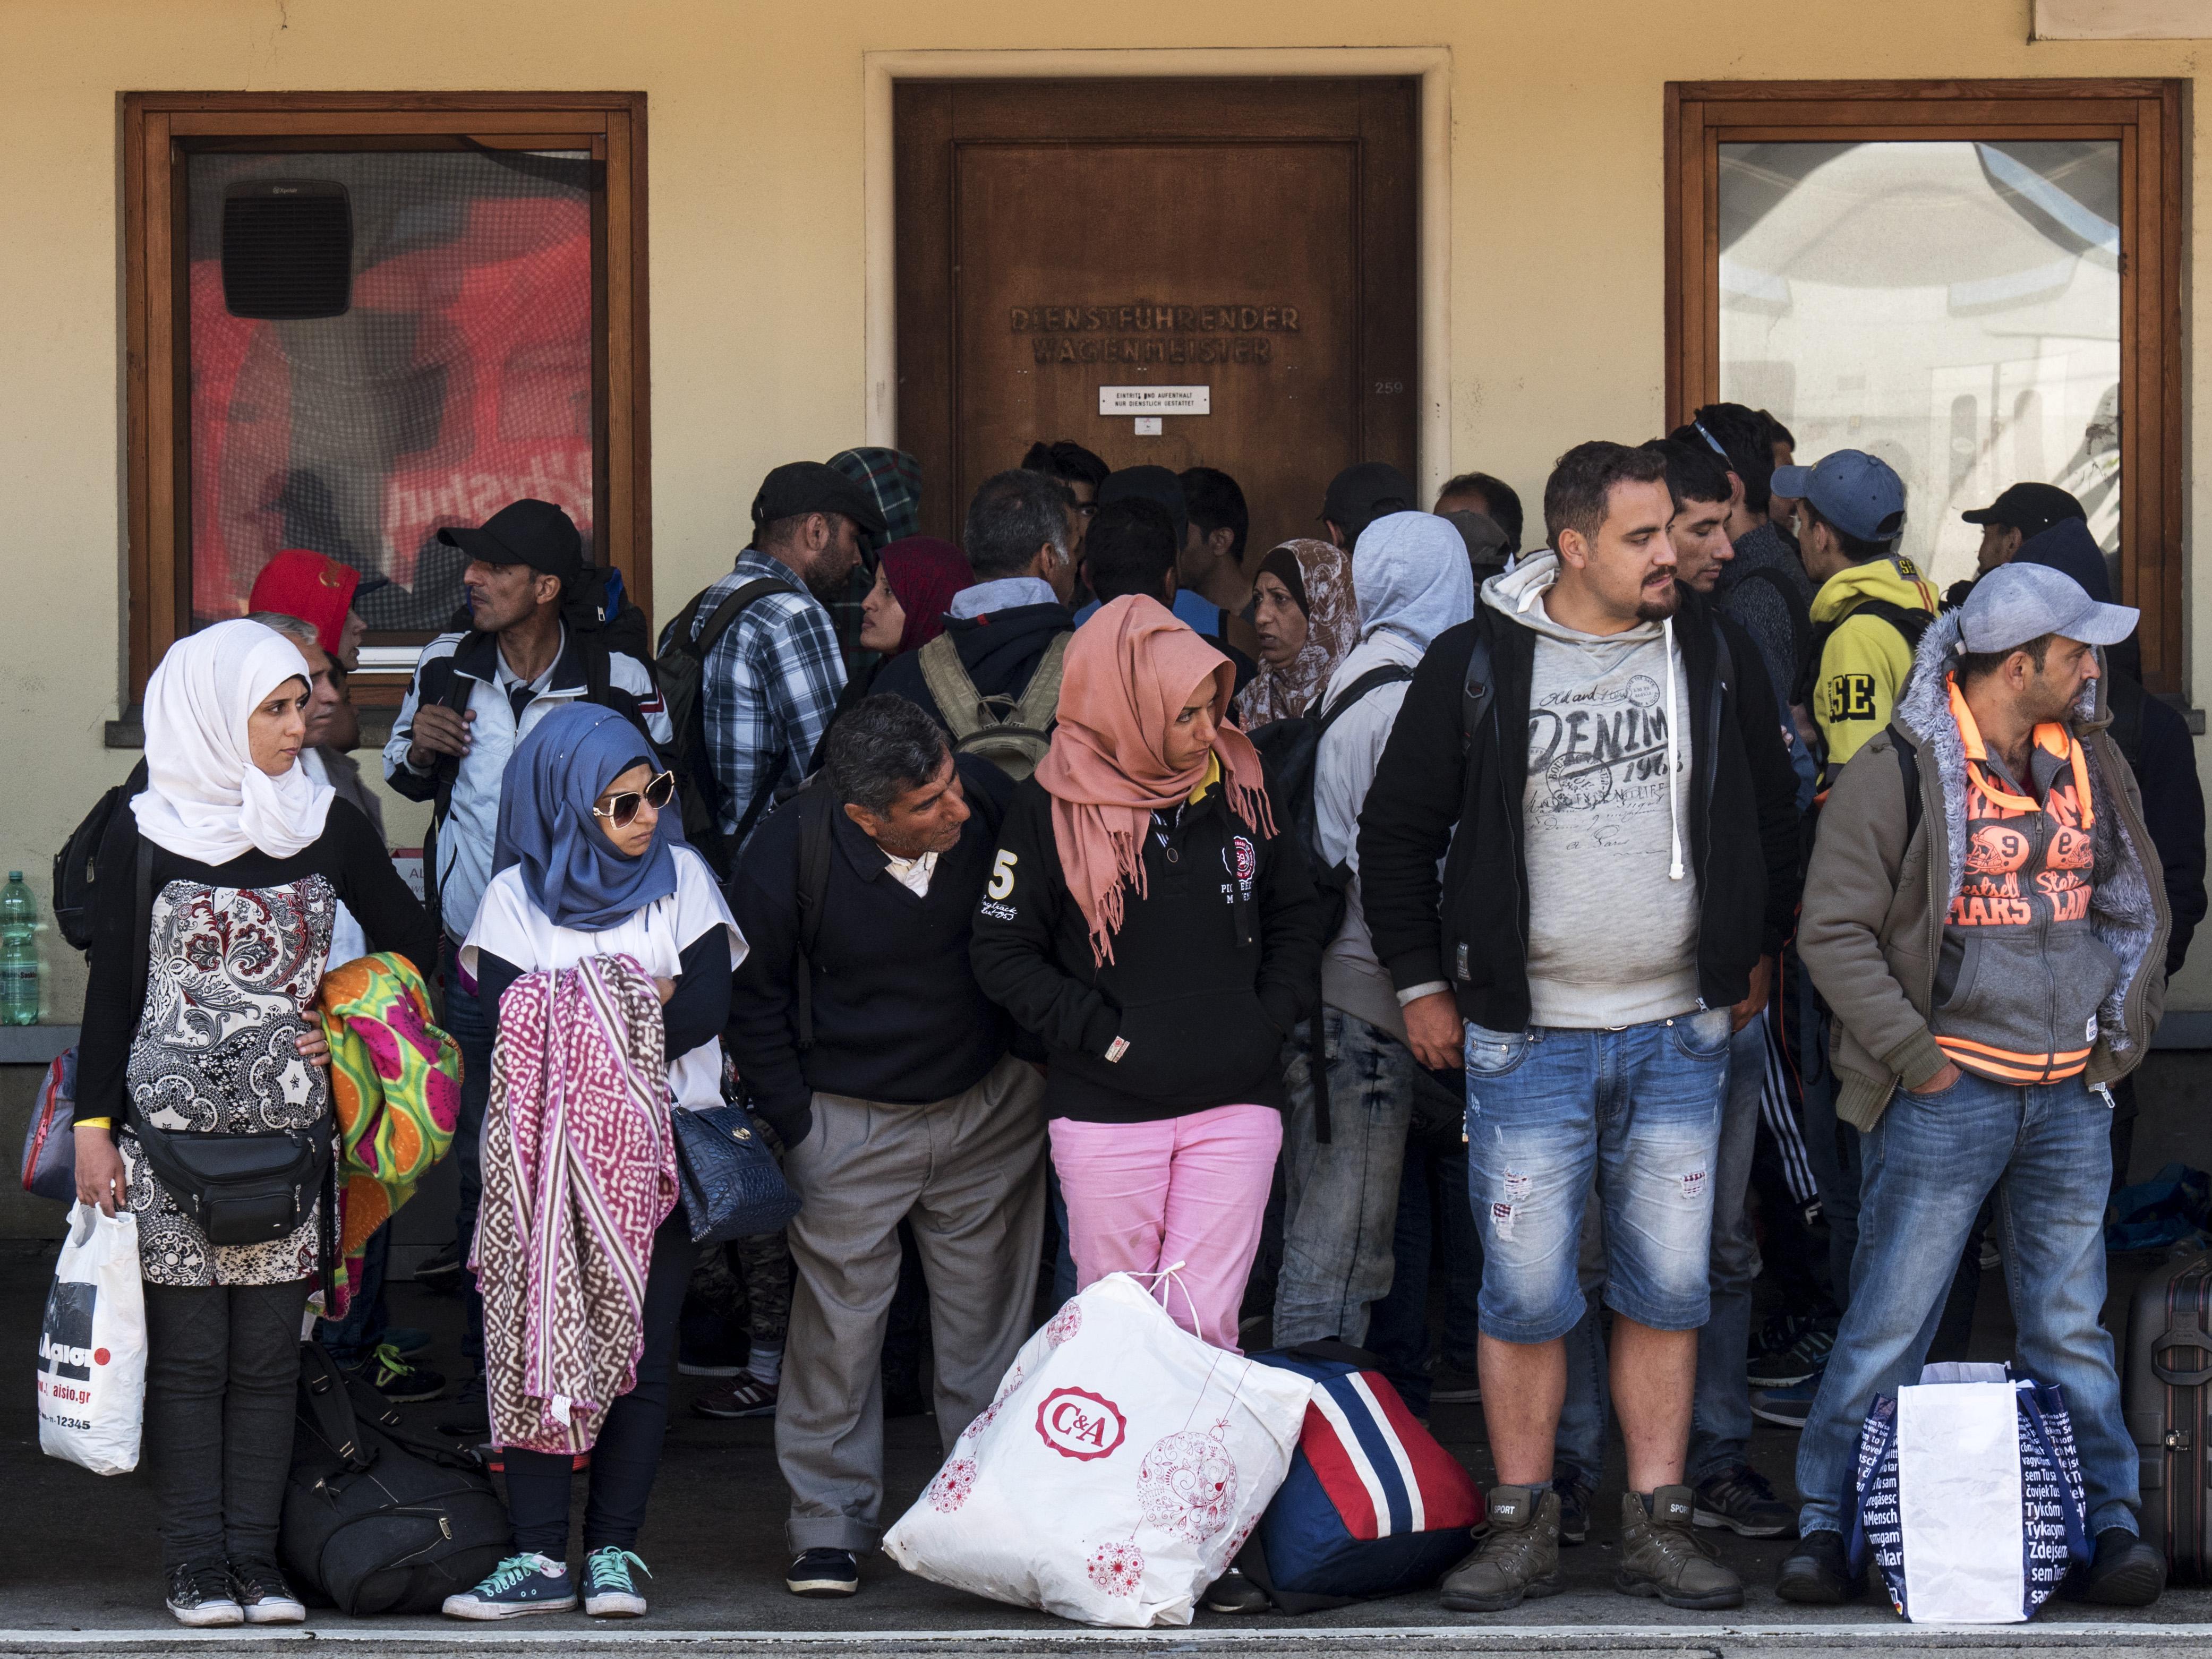 (c) Christian MUELLER - Wien, 10.09.2015 - Wien Westbahnhof, Warten und Versorgen von aus Ungarn kommenden Flüchtlingen. FOT